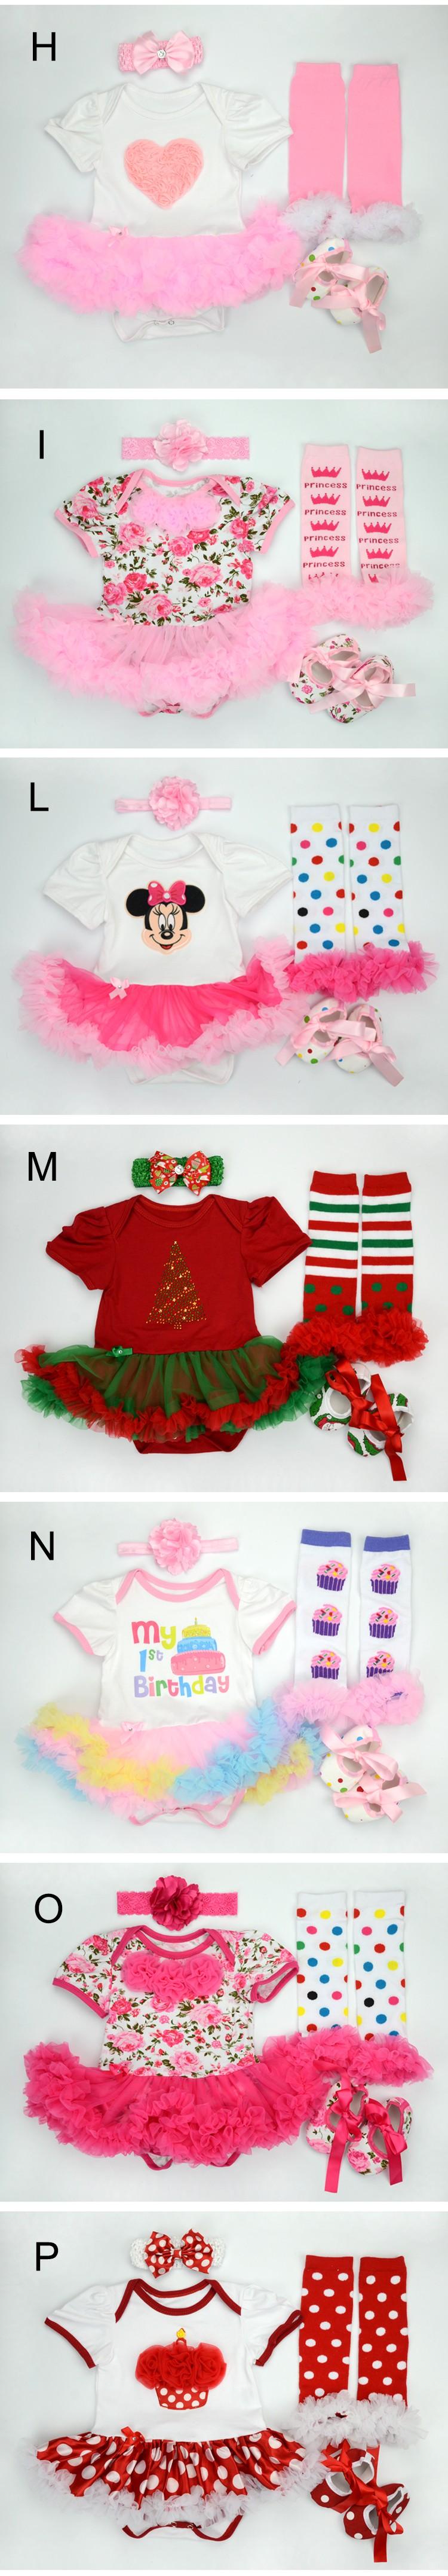 ̀ •́ 0-1 años Niña Conjuntos de ropa infantil vestidos bebe Navidad ...